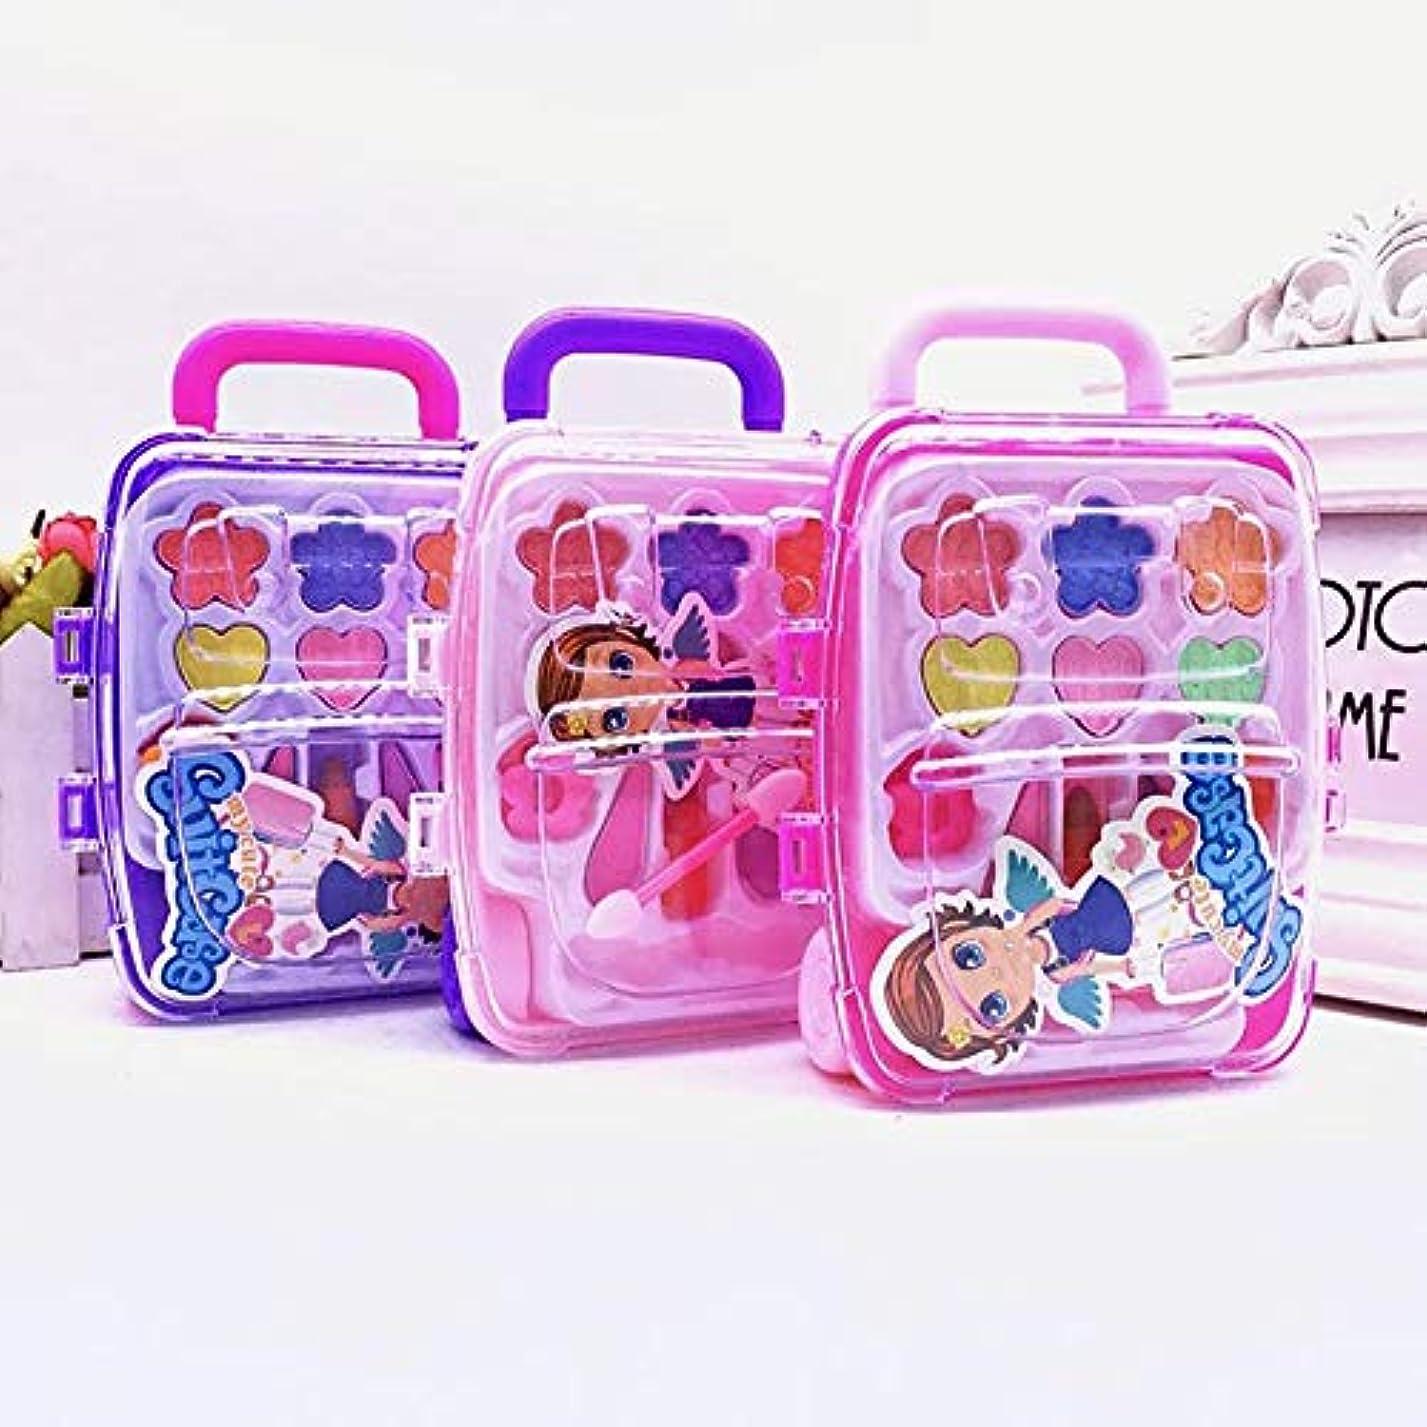 現実栄光の告発かわいい王女ふりメイクセット化粧品シミュレーション子供女の子子供のおもちゃ - ランダムな色